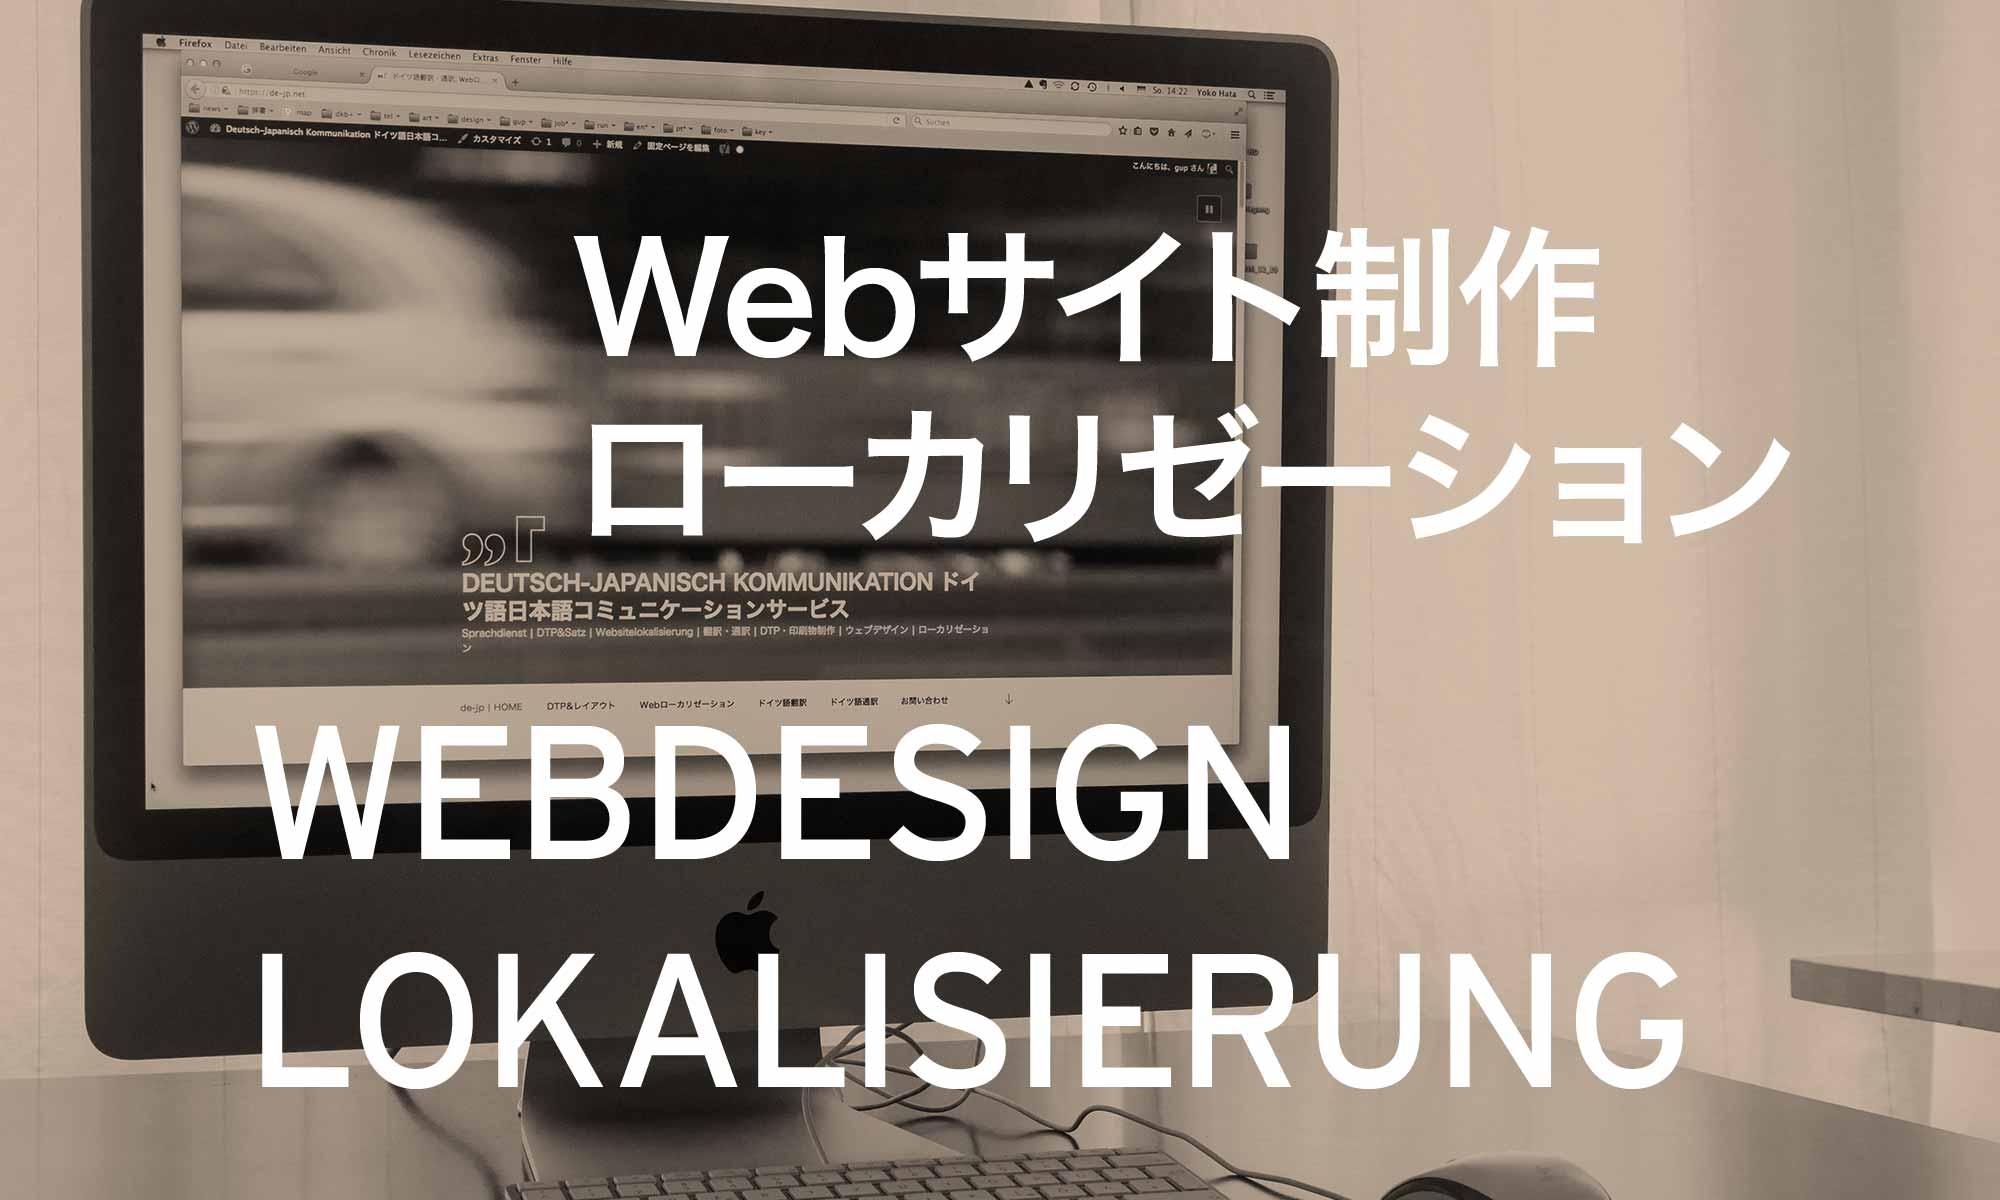 ドイツ語Webサイトローカリゼーション、Webサイトデザイン制作